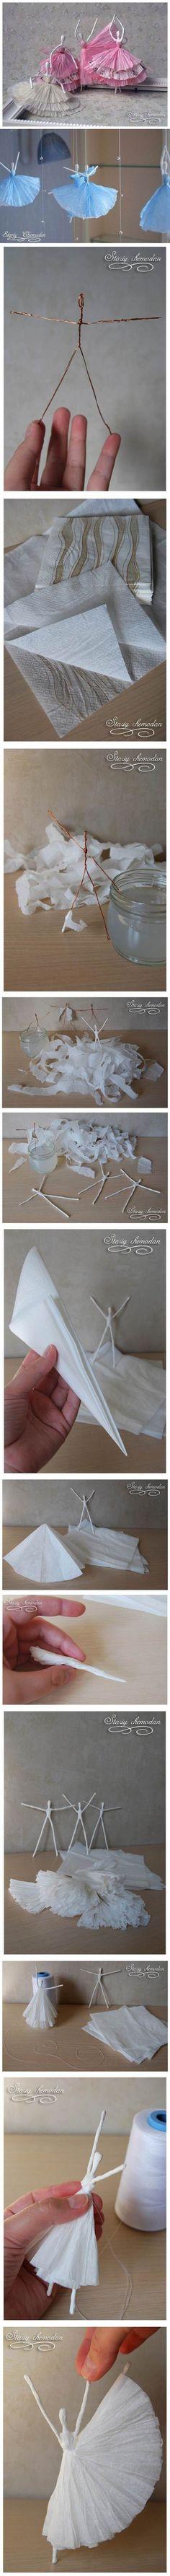 跳芭蕾舞的女孩~皱纹纸(或纸巾)+铁丝,简单而唯美~